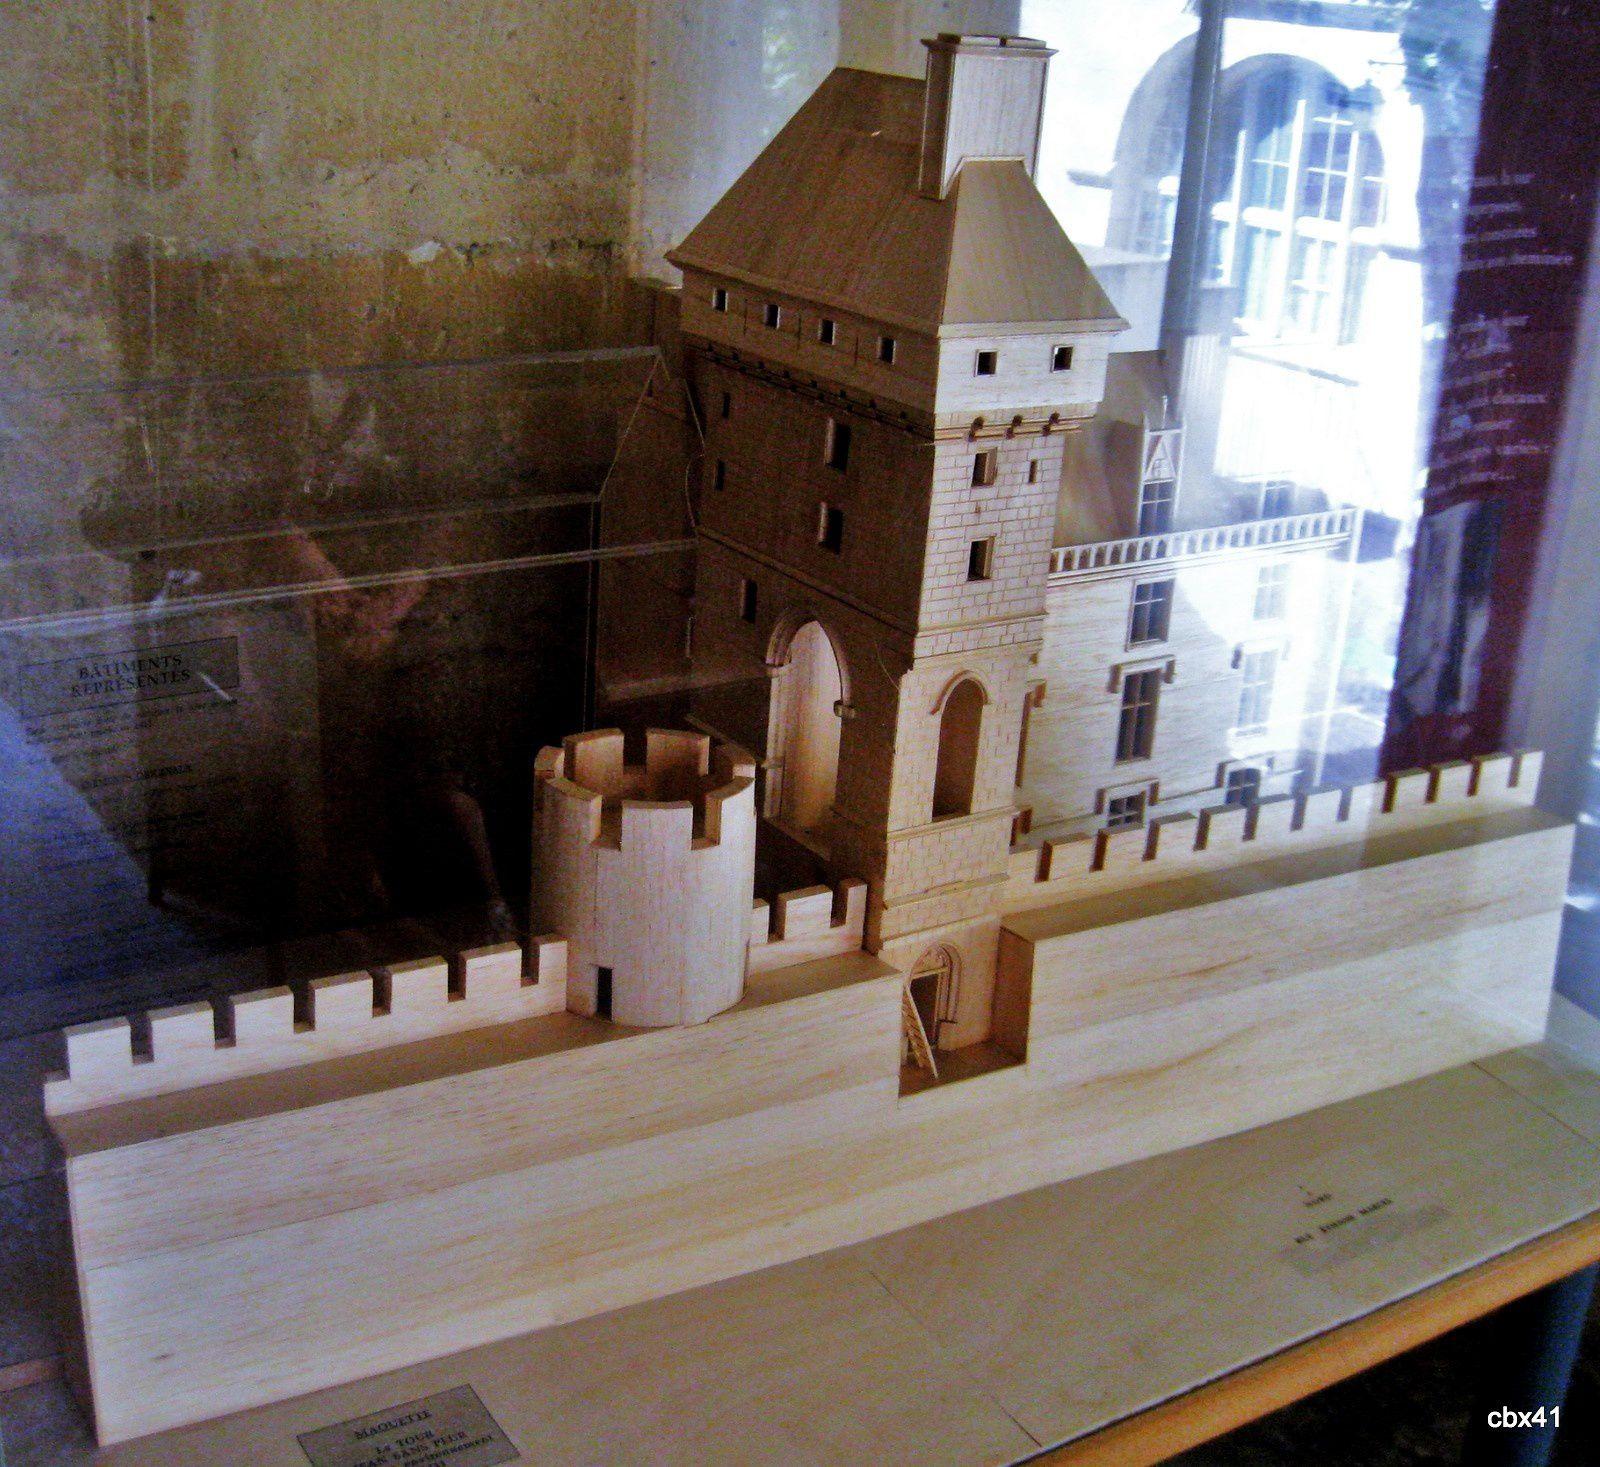 Maquette de la Tour de Jean Sans Peur